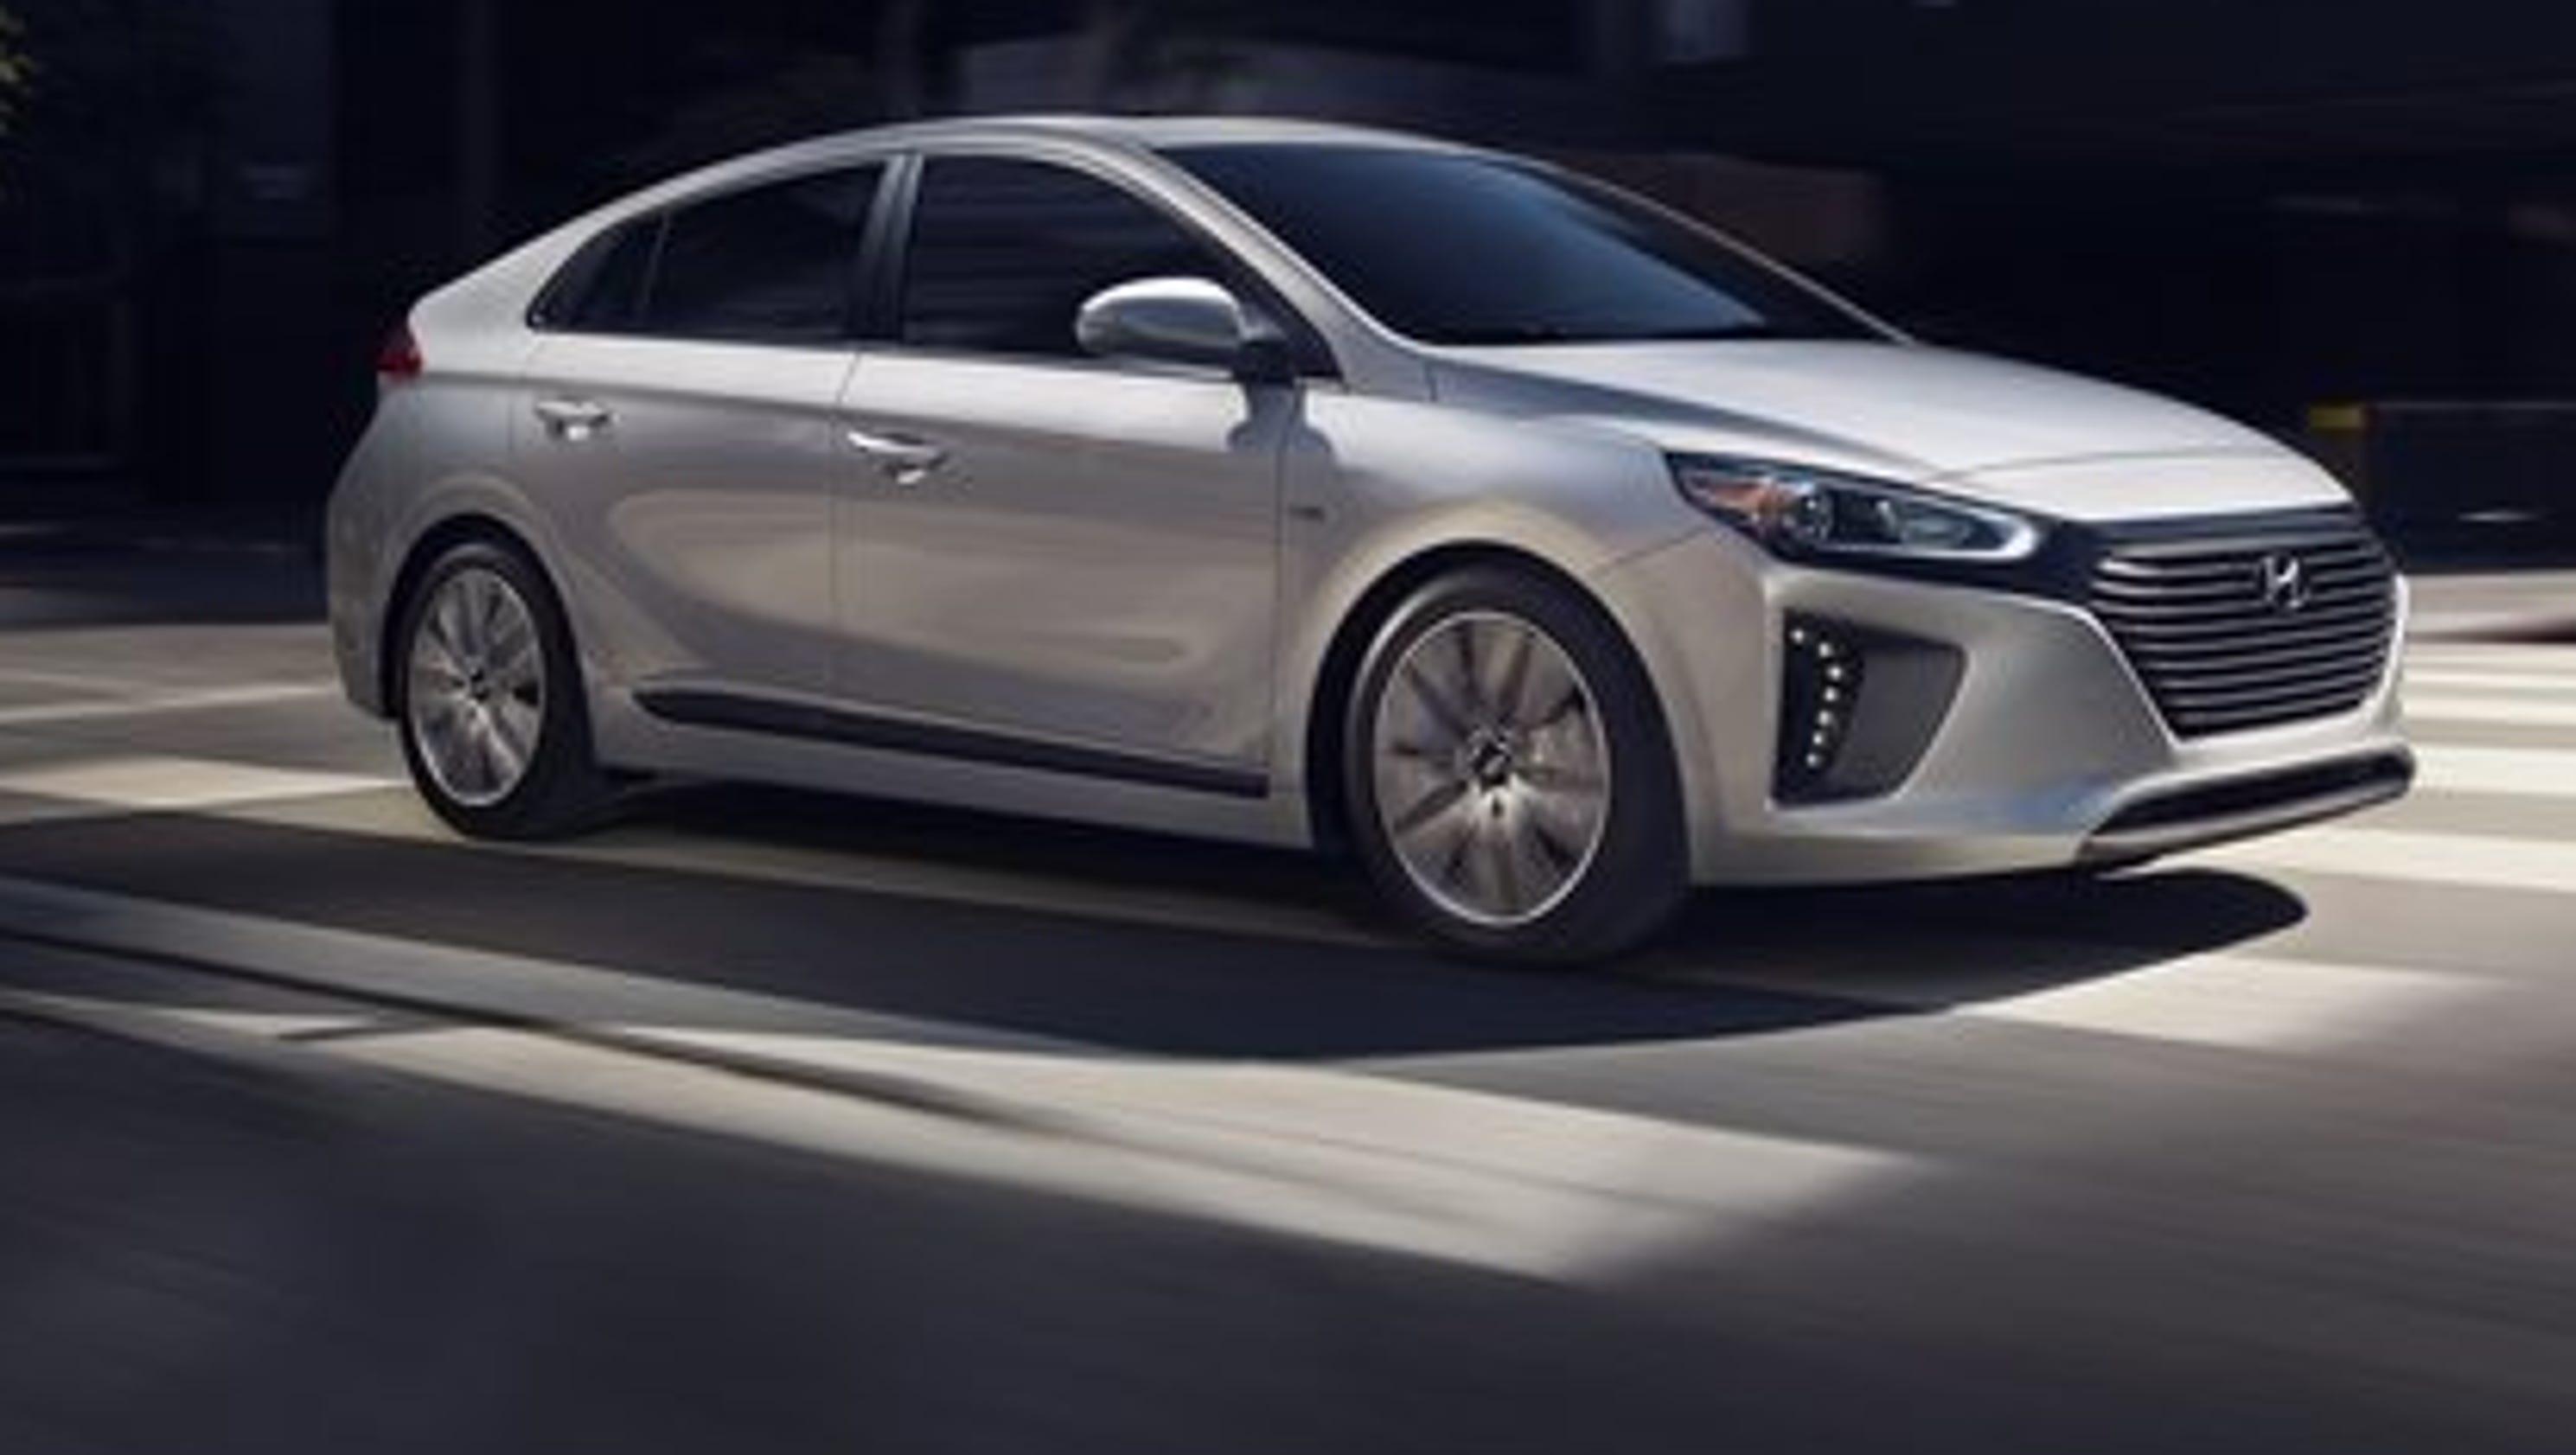 Review: Hyundai Ioniq hybrid aims for top gas mileage